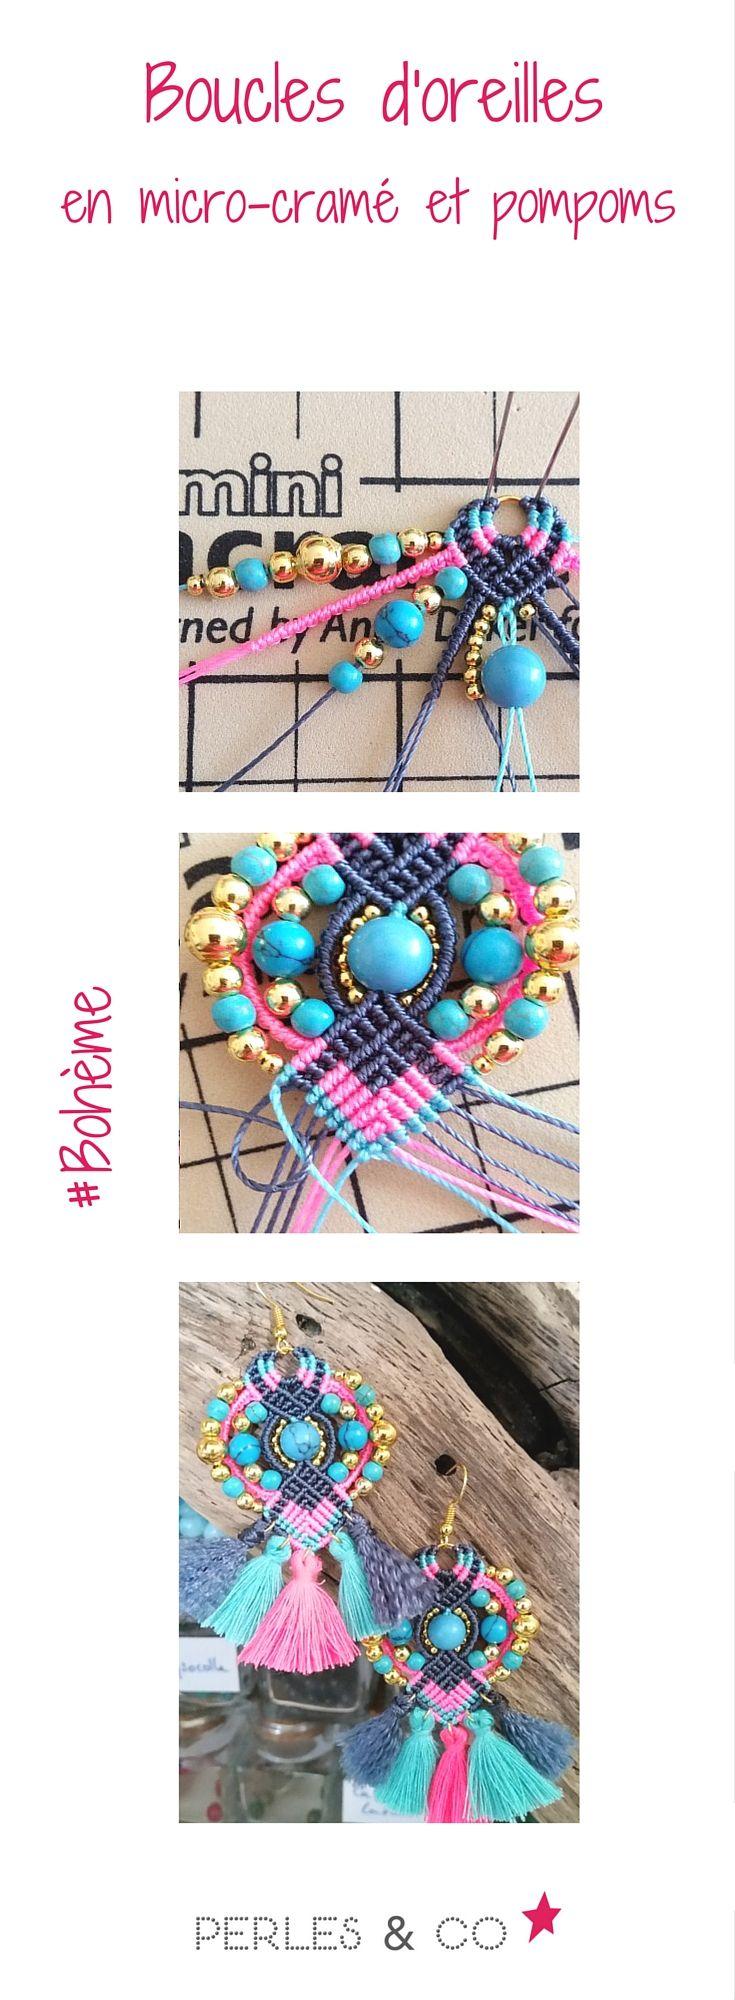 Vous aimez le style bohème? Retrouvez ce tutoriel de boucles d'oreilles réalisées en micro-cramé et pompoms aux couleurs rose et turquoise, pile dans la tendance de cet été https://www.perlesandco.com/Boucles_d_oreilles_bohemes_micro_macrame_et_pompons-s-2614-6.html